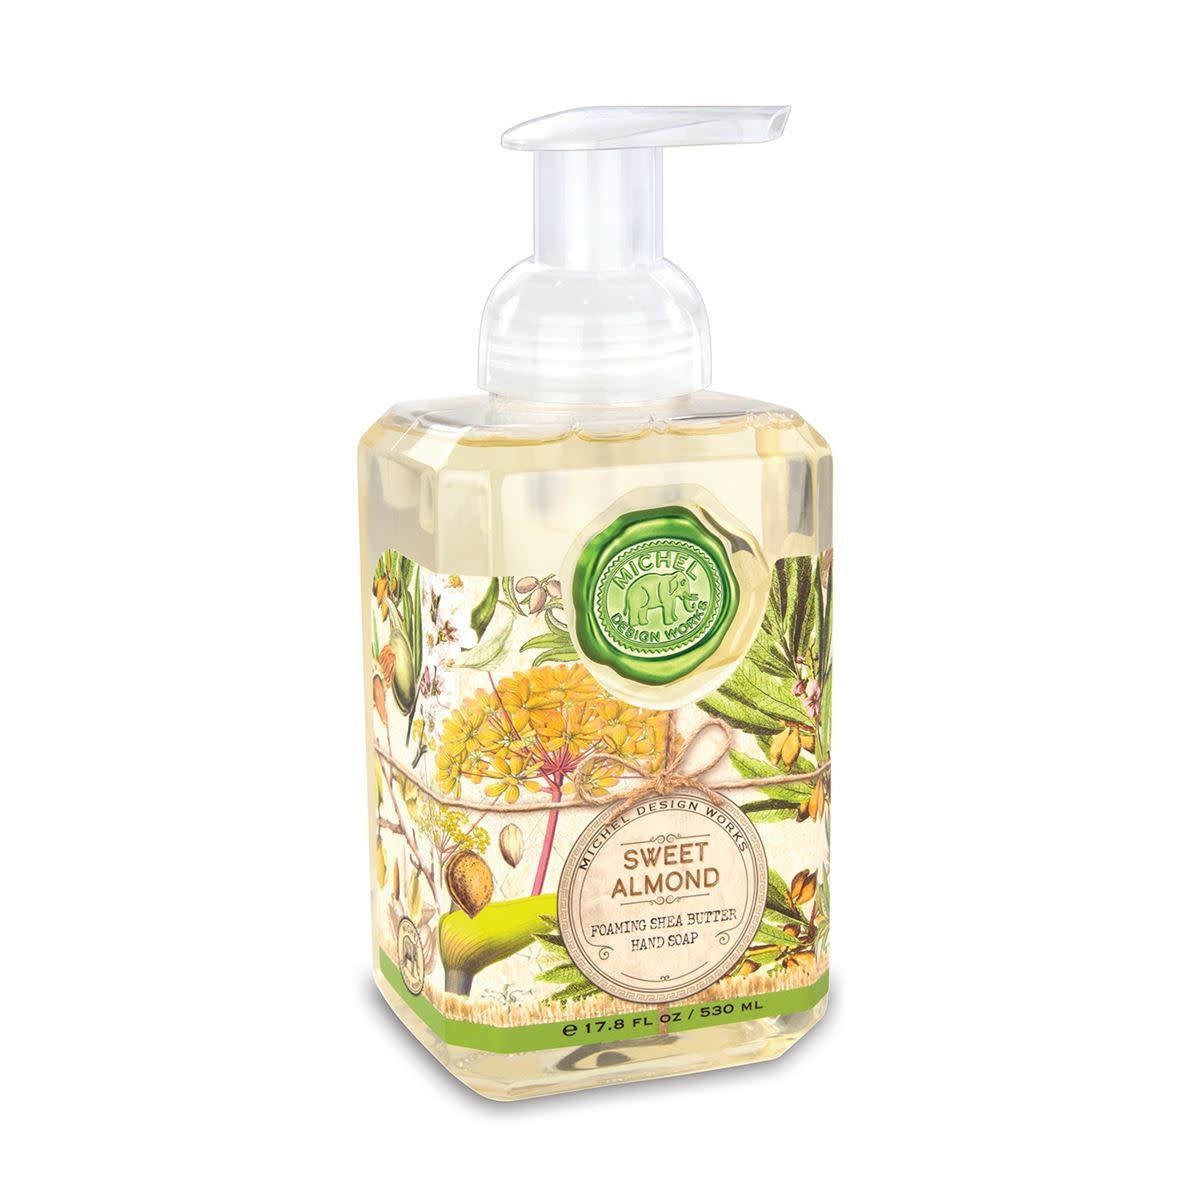 Michel Design Works Sweet Almond Foamer Soap